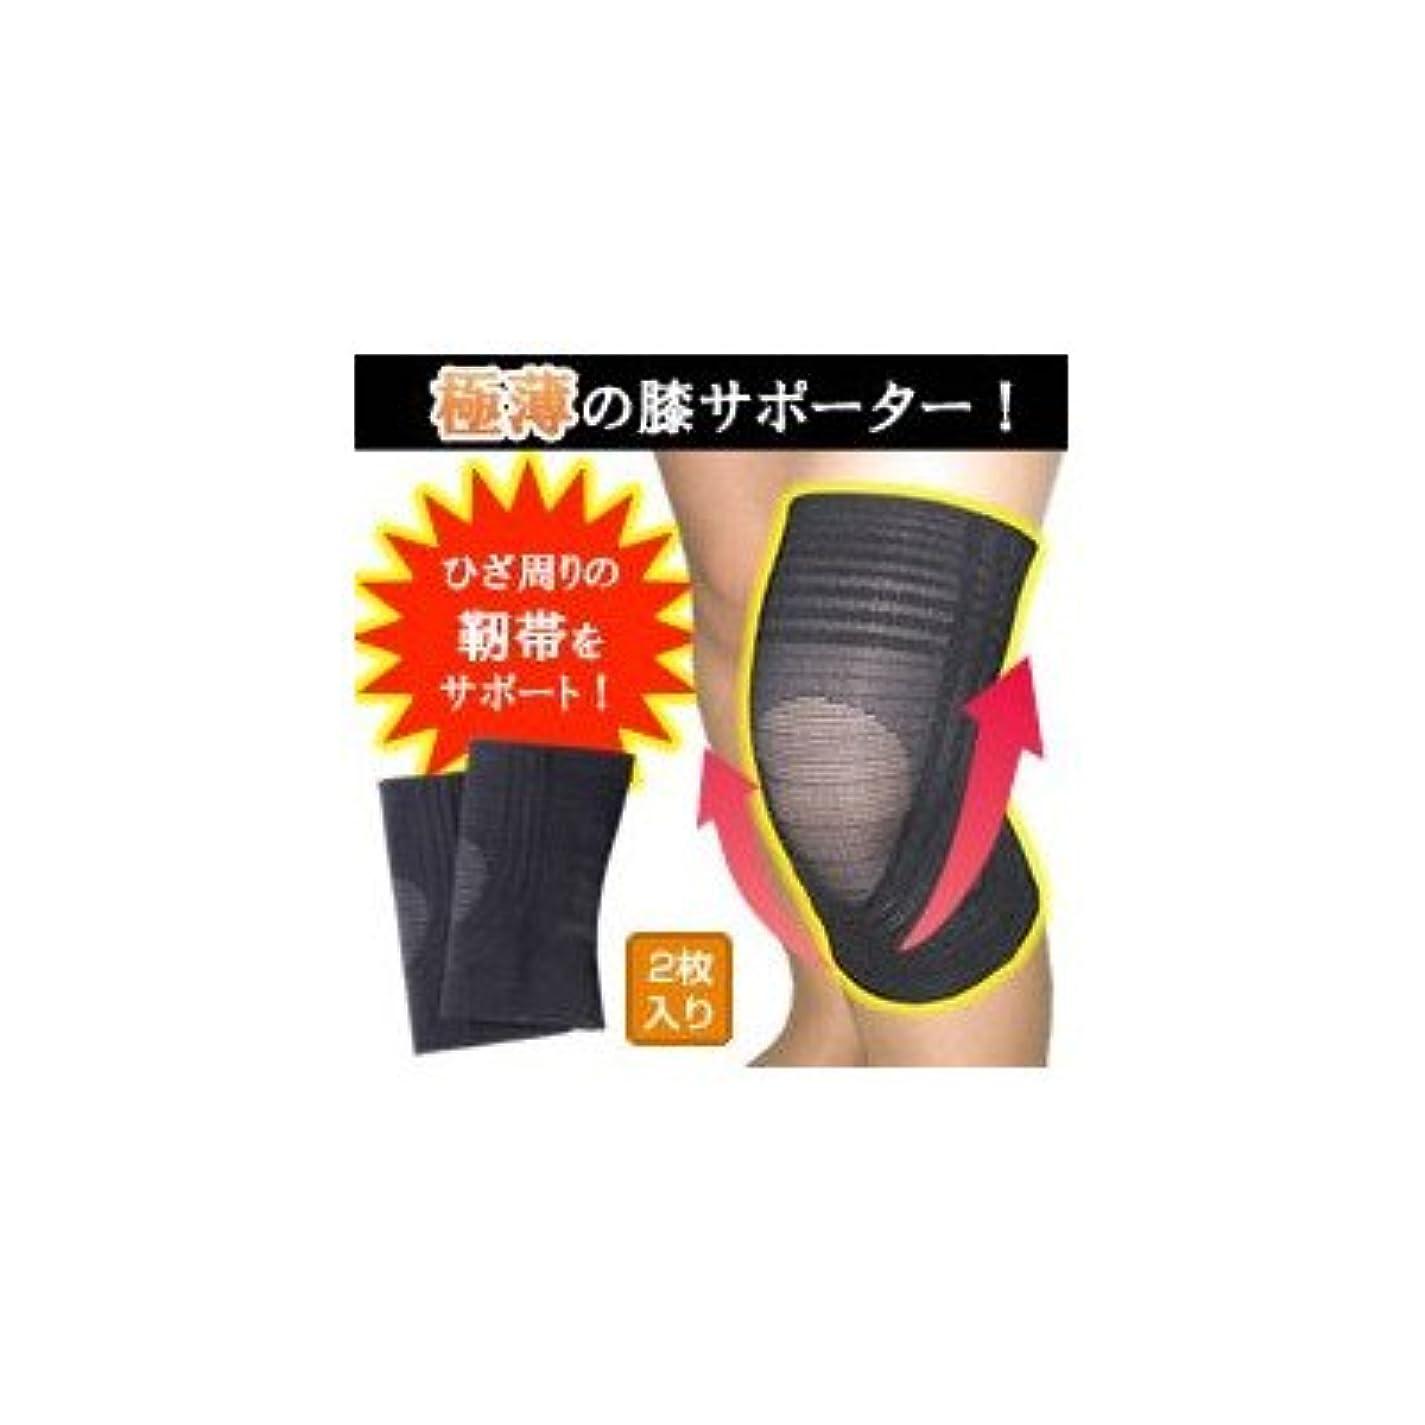 腰人間黙縁の下の膝靭帯サポーター M( 画像はイメージ画像です お届けの商品はMのみとなります)